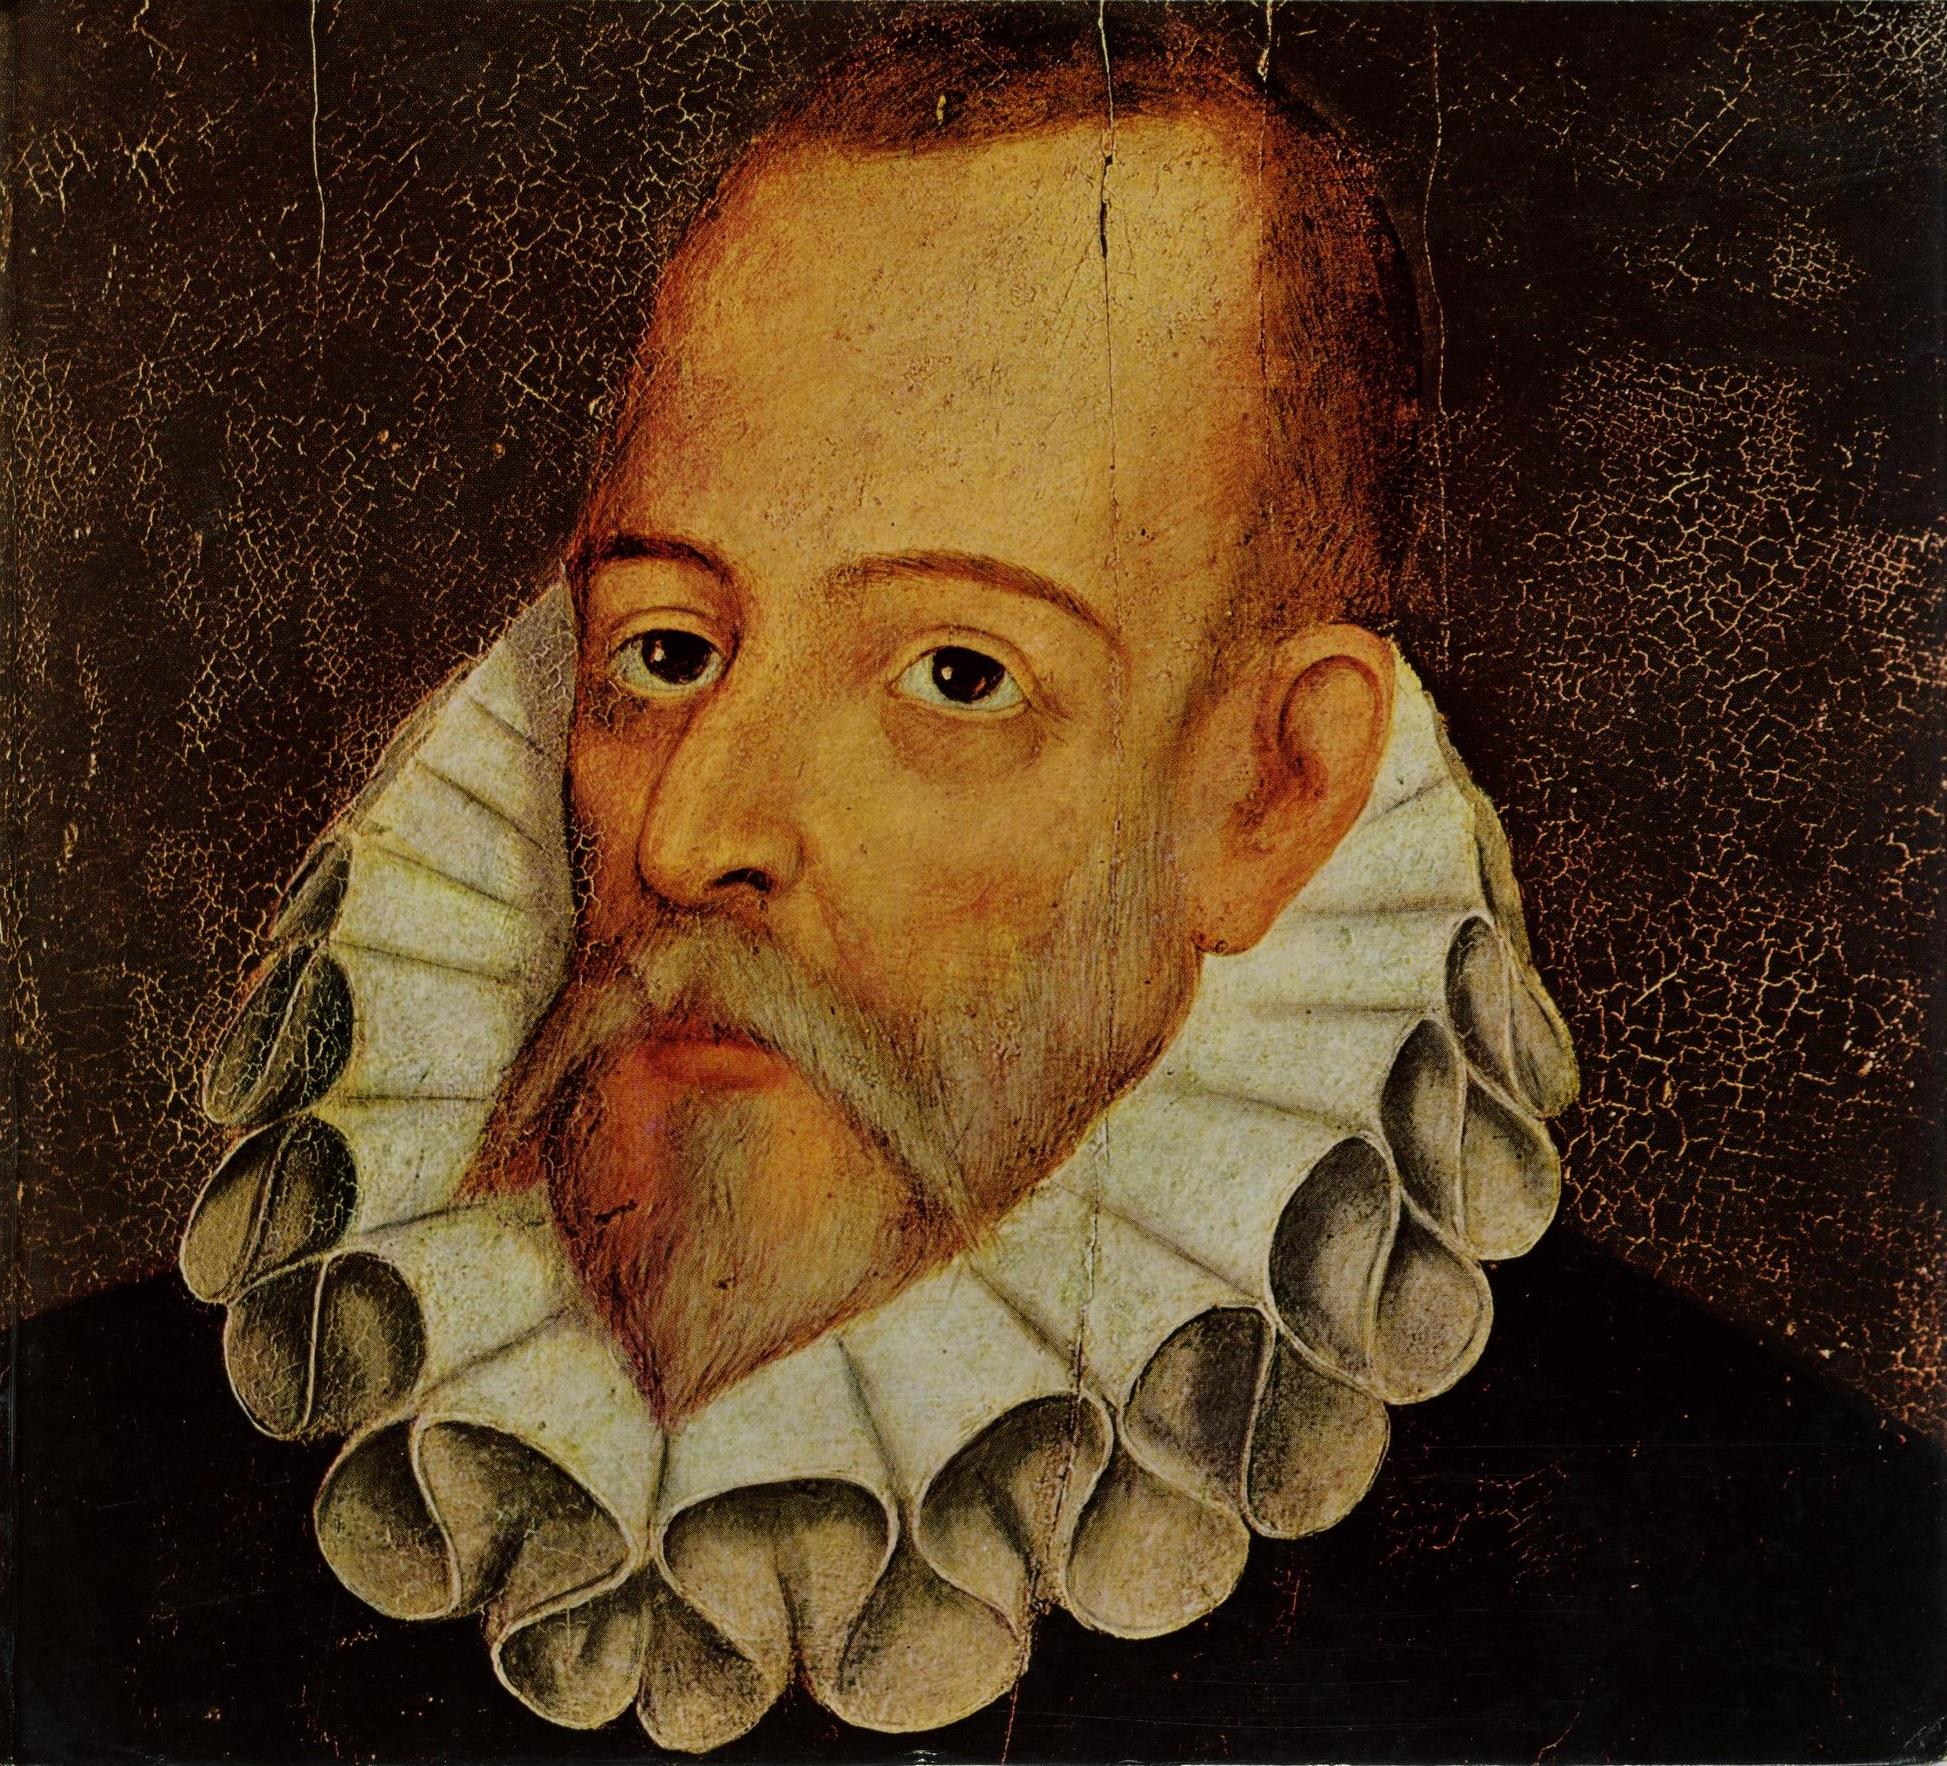 Miguel de Cervantes | Image via The Paris Review